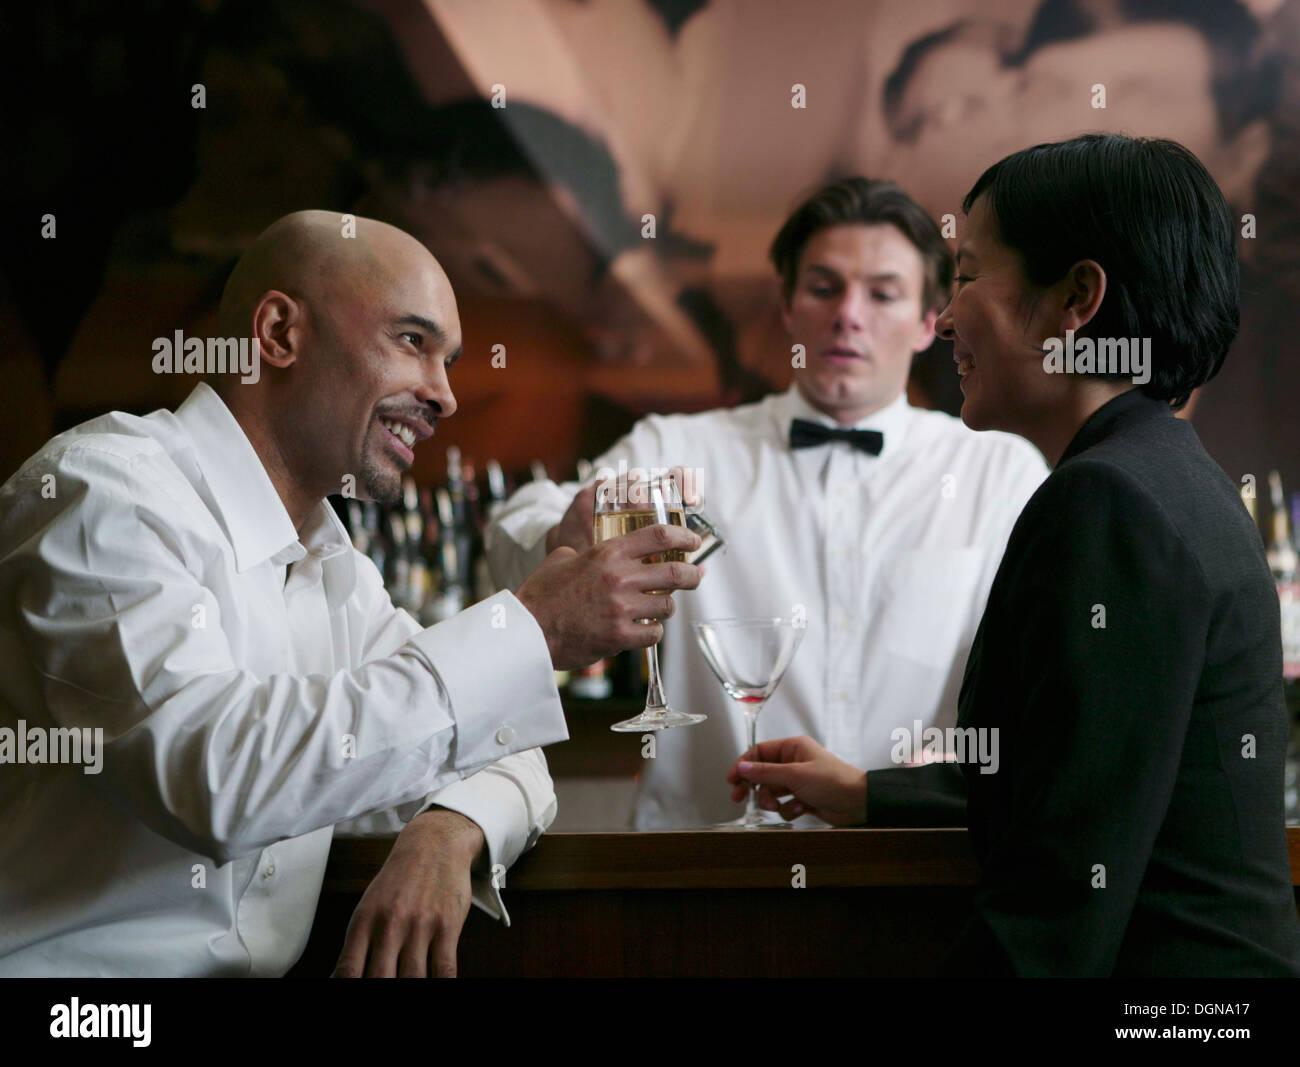 Un jeune homme et femme assise dans un bar boire ensemble Photo Stock